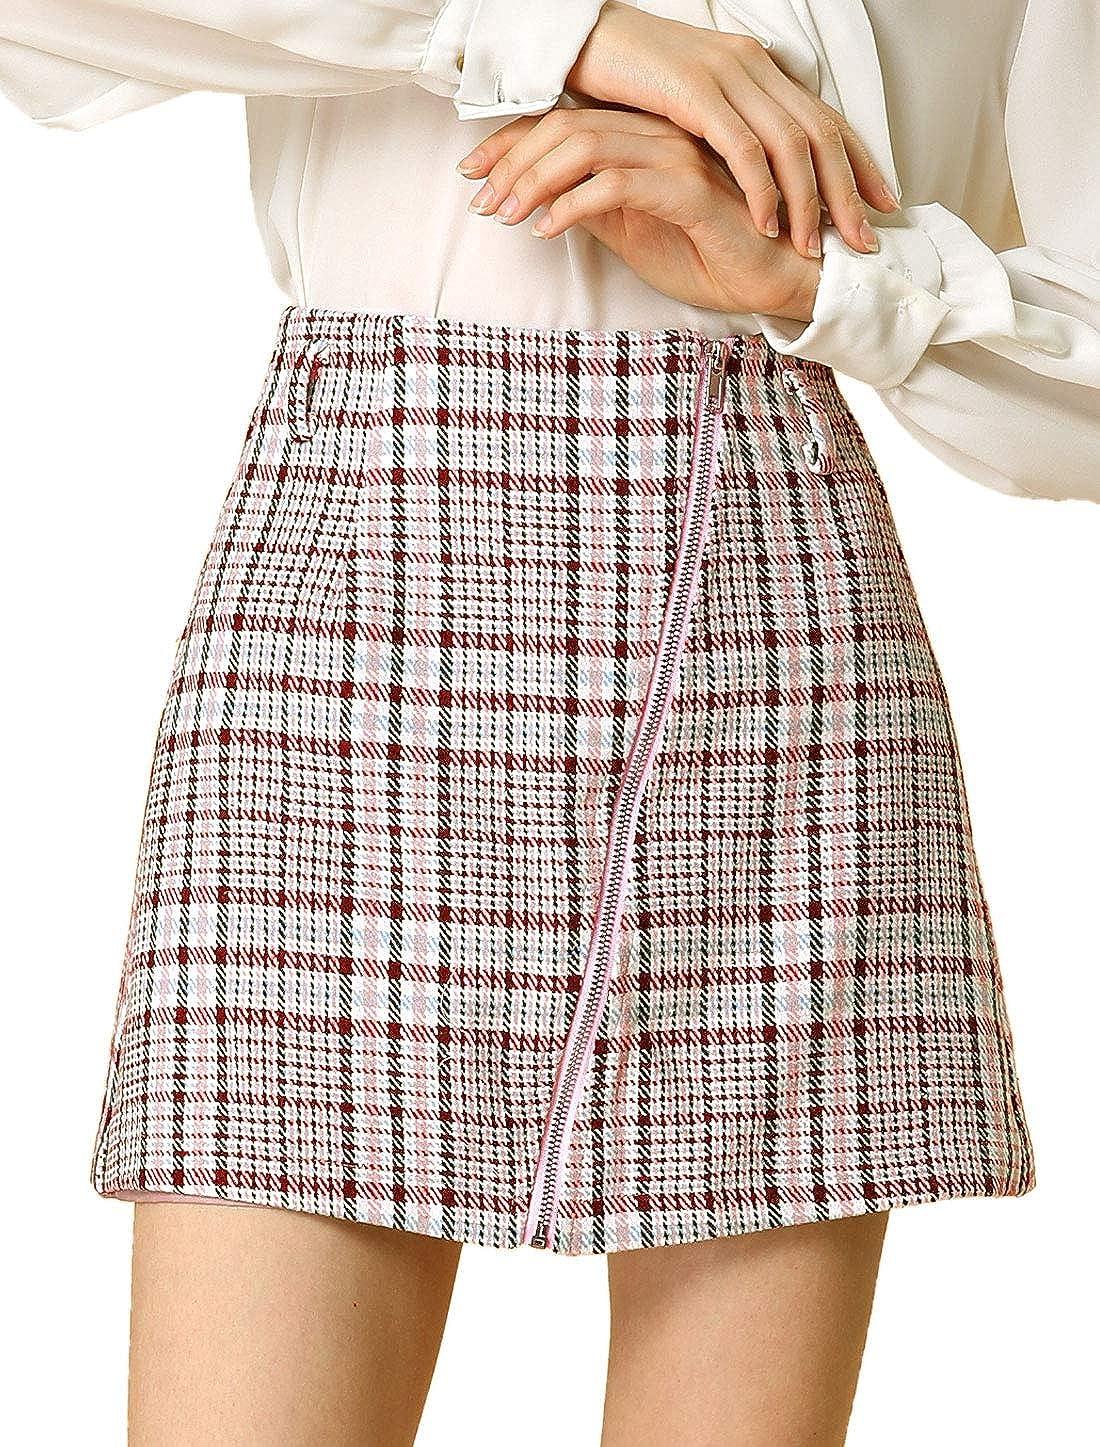 Allegra K Women's Plaid A-Line Front Full Zip High Waist Mini Skirt with Belt